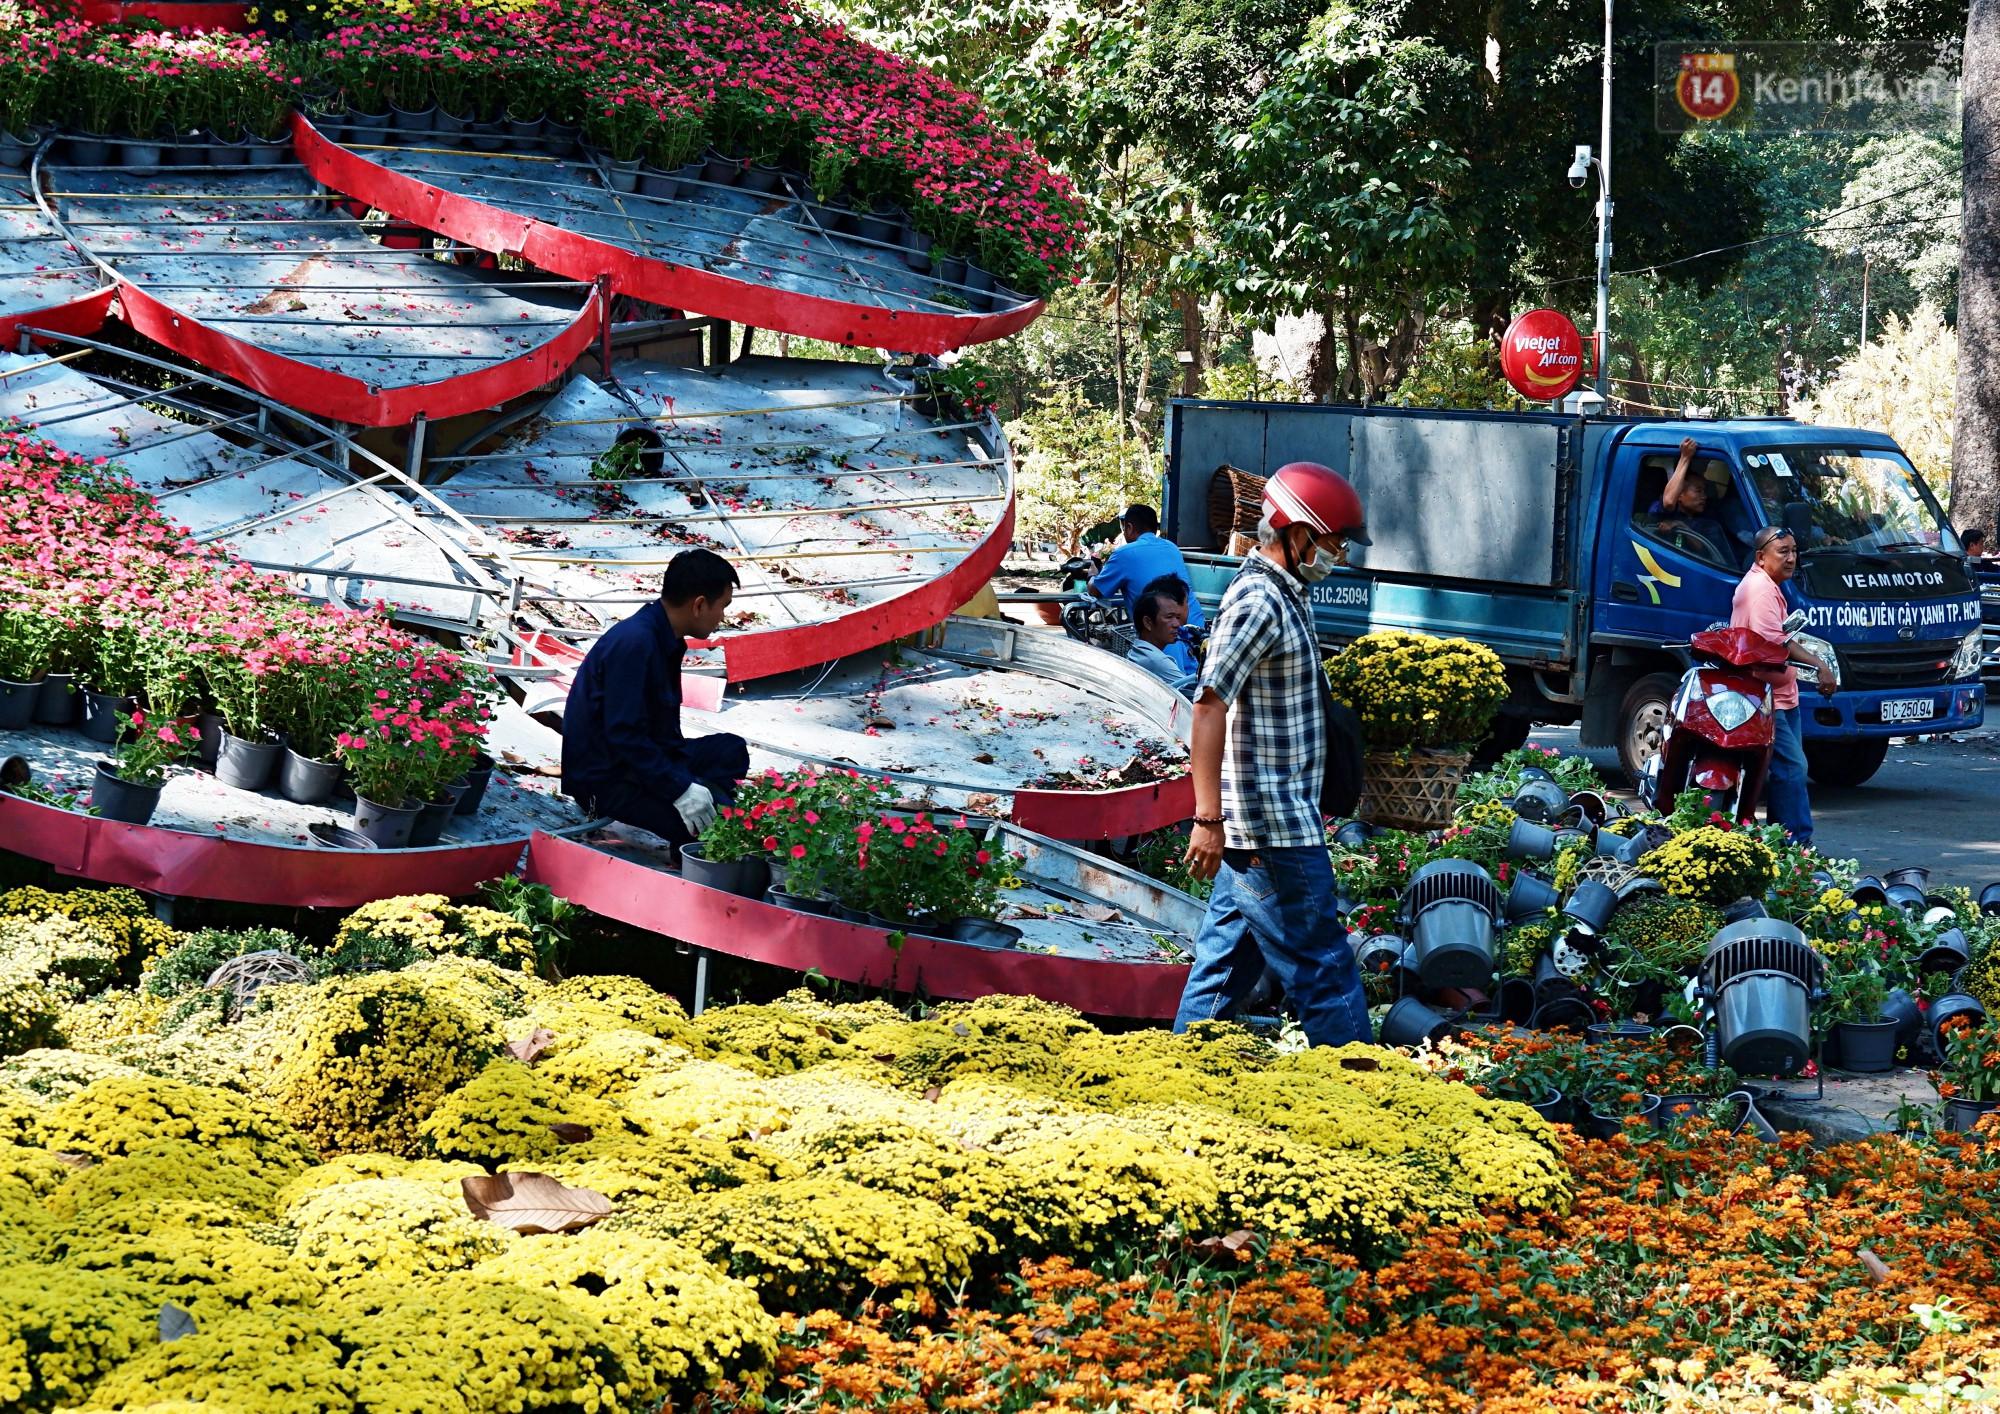 Hội hoa Xuân kết thúc, người dân Sài Gòn hào hứng xin hoa miễn phí về chưng cho đỡ uổng phí - Ảnh 1.